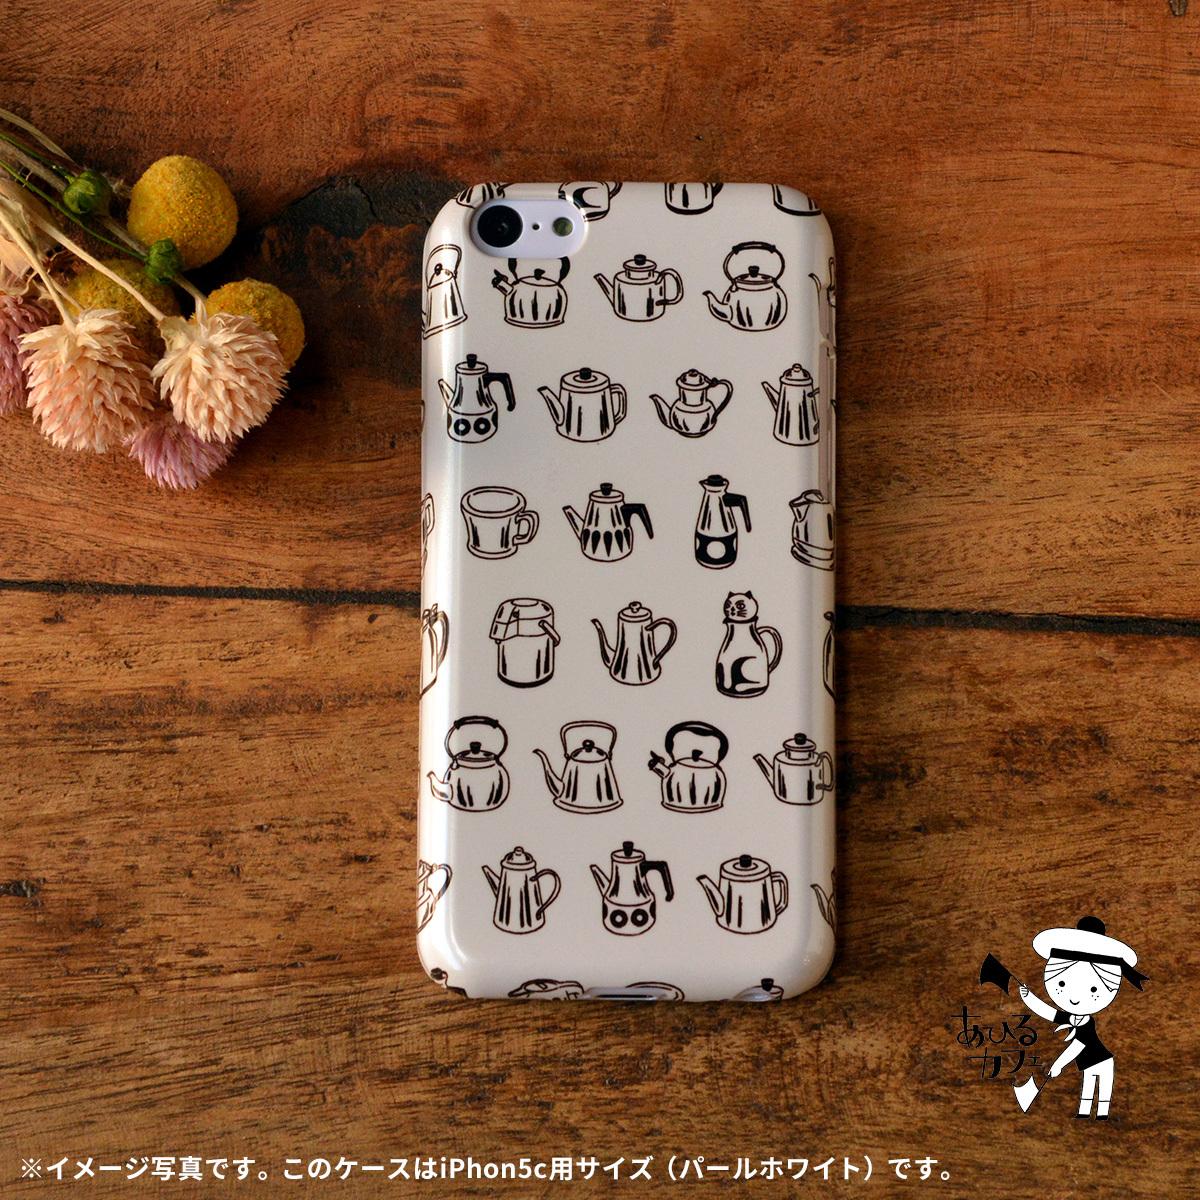 【限定色】アイフォン5c ケース 猫 iphone5c ケース ねこ iphone5c 猫 ケース iphoneケース 猫 おしゃれ キラキラ ポット/あひるカフェ